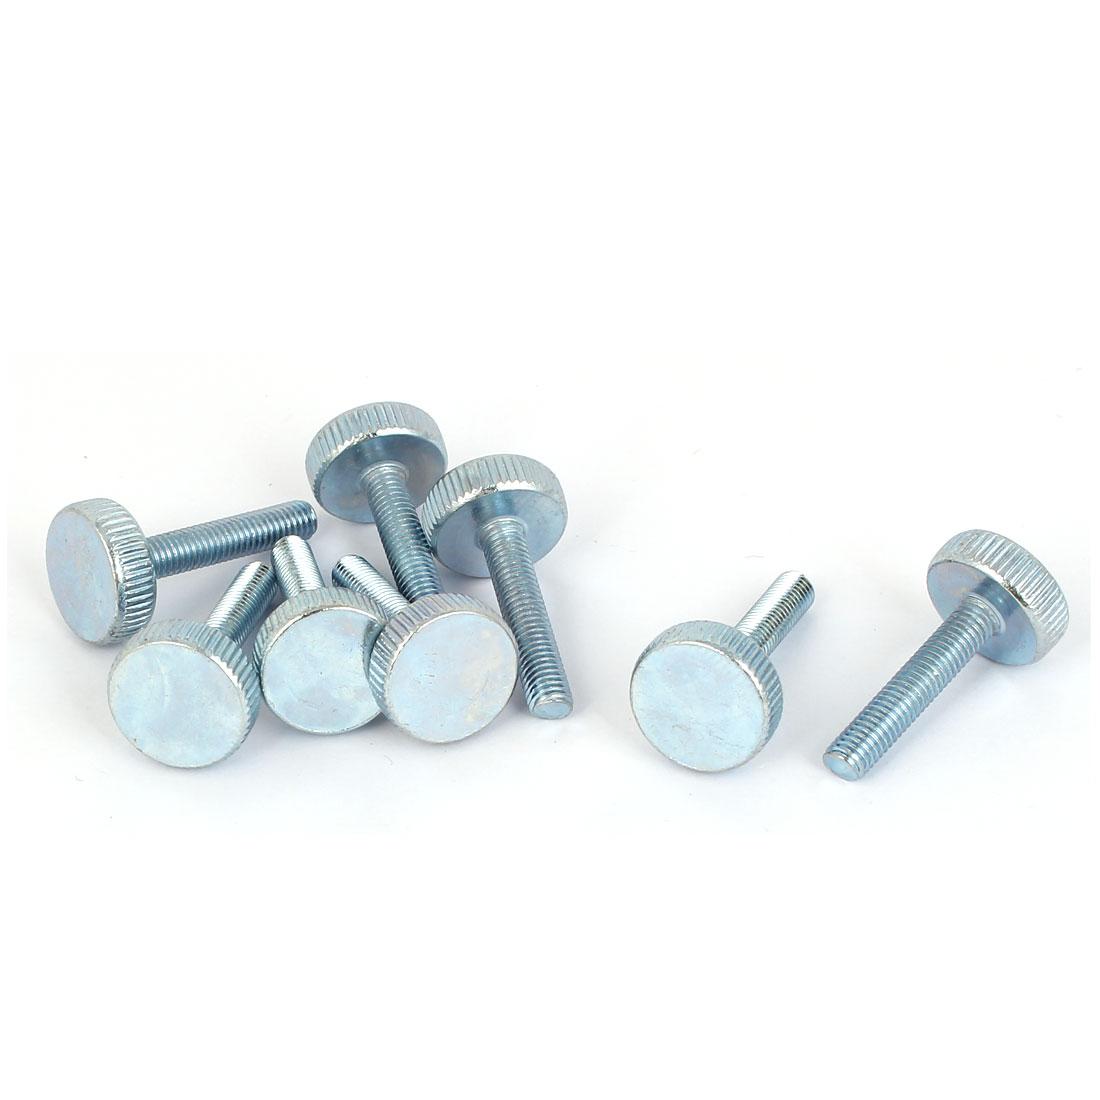 M5x25mm Thread Carbon Steel Knurled Round Head Thumb Screws Silver Blue 8pcs